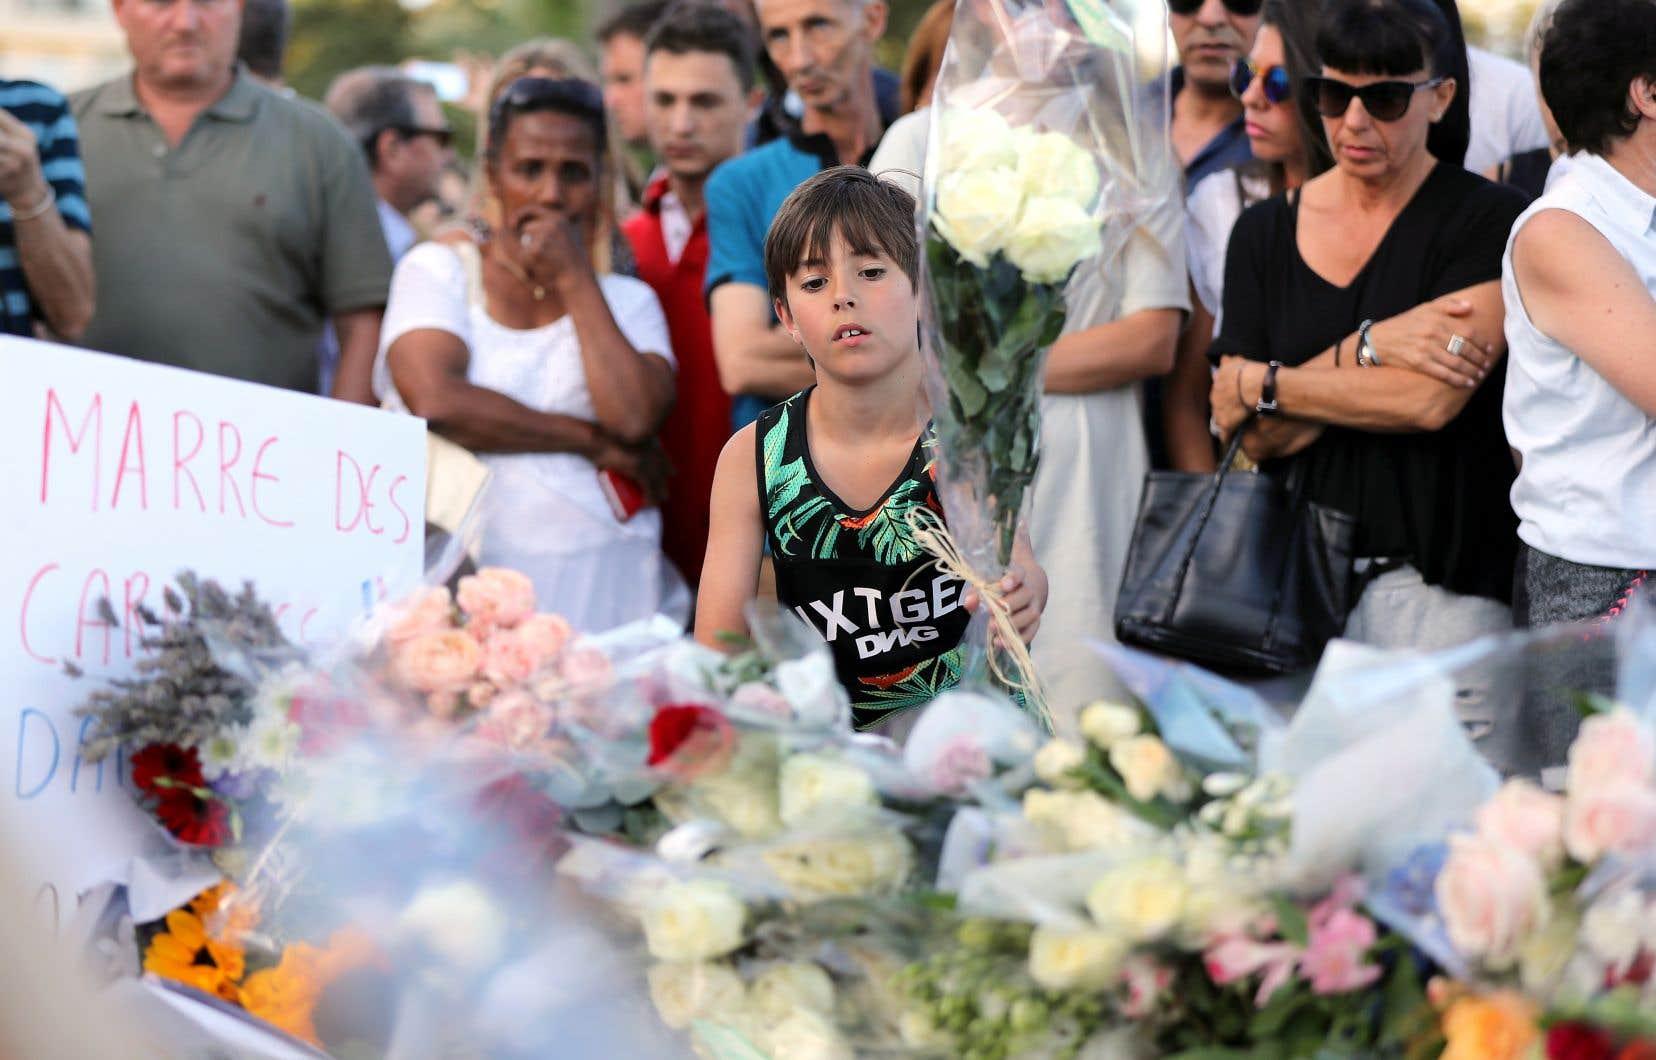 L'attentat au camion-bélier sur la promenade des Anglais le 14juillet 2016, à Nice, en France, avait fait 86 morts et 434 blessés.